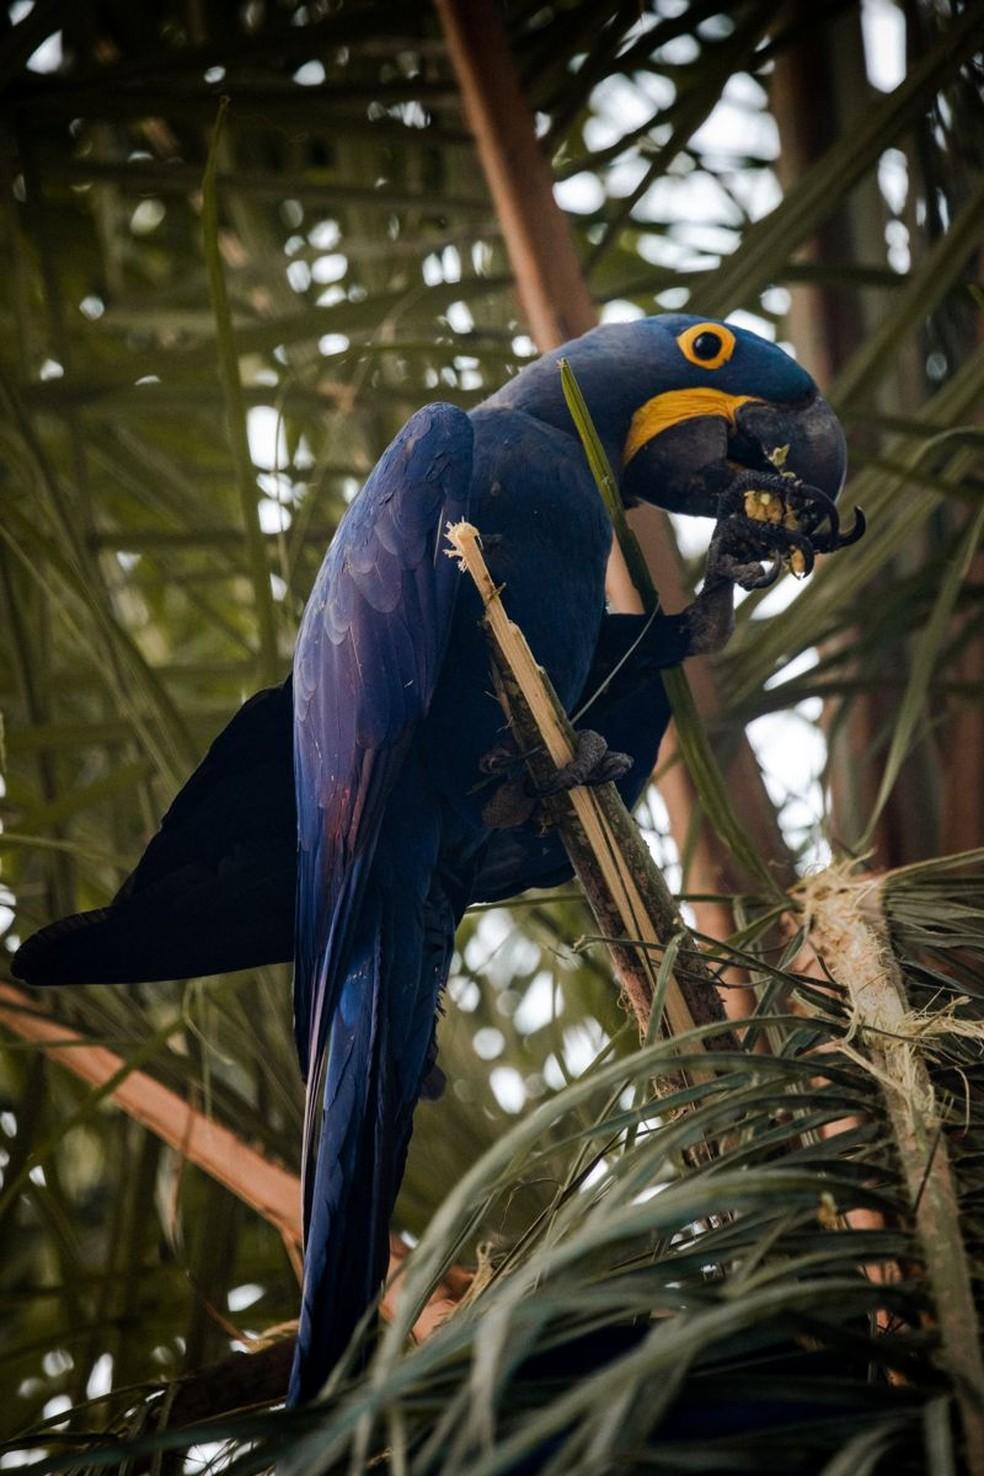 Arara-azul encontrada em pousada da região. Fazenda que tinha grande concentração da espécie no Pantanal foi duramente afetada pelo fogo. — Foto: Frico Guimarães/Documenta Pantanal/BBC